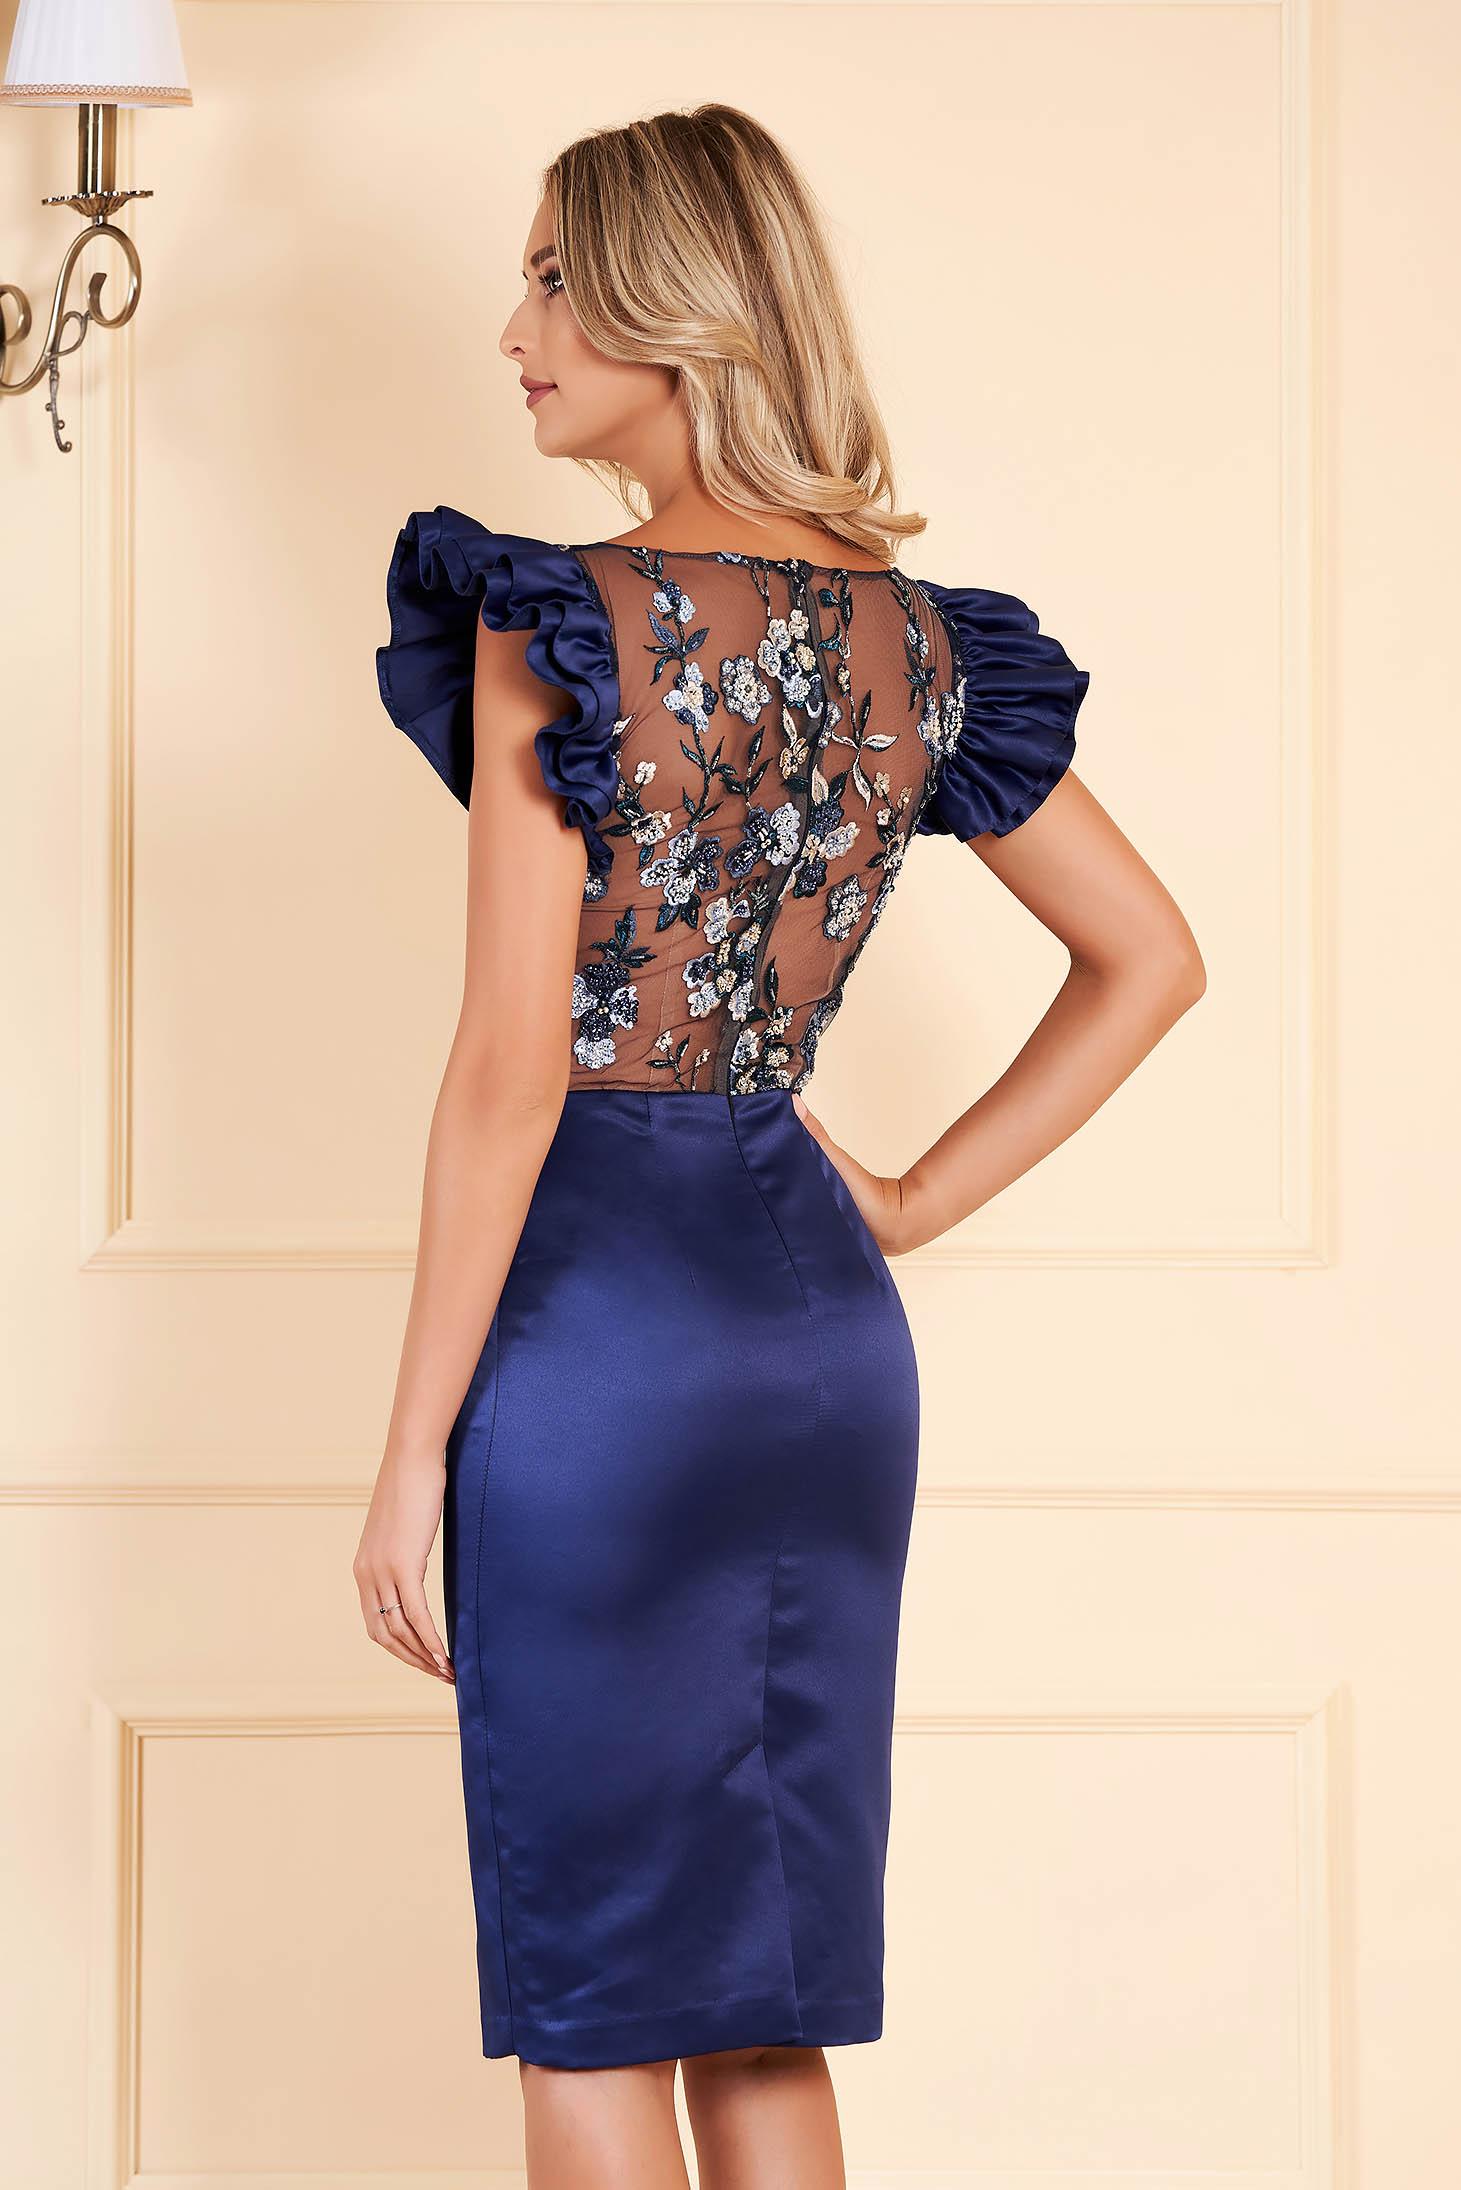 Rochie albastru-inchis scurta de ocazie din satin cu maneci scurte cu volanase si decolteu rotunjit